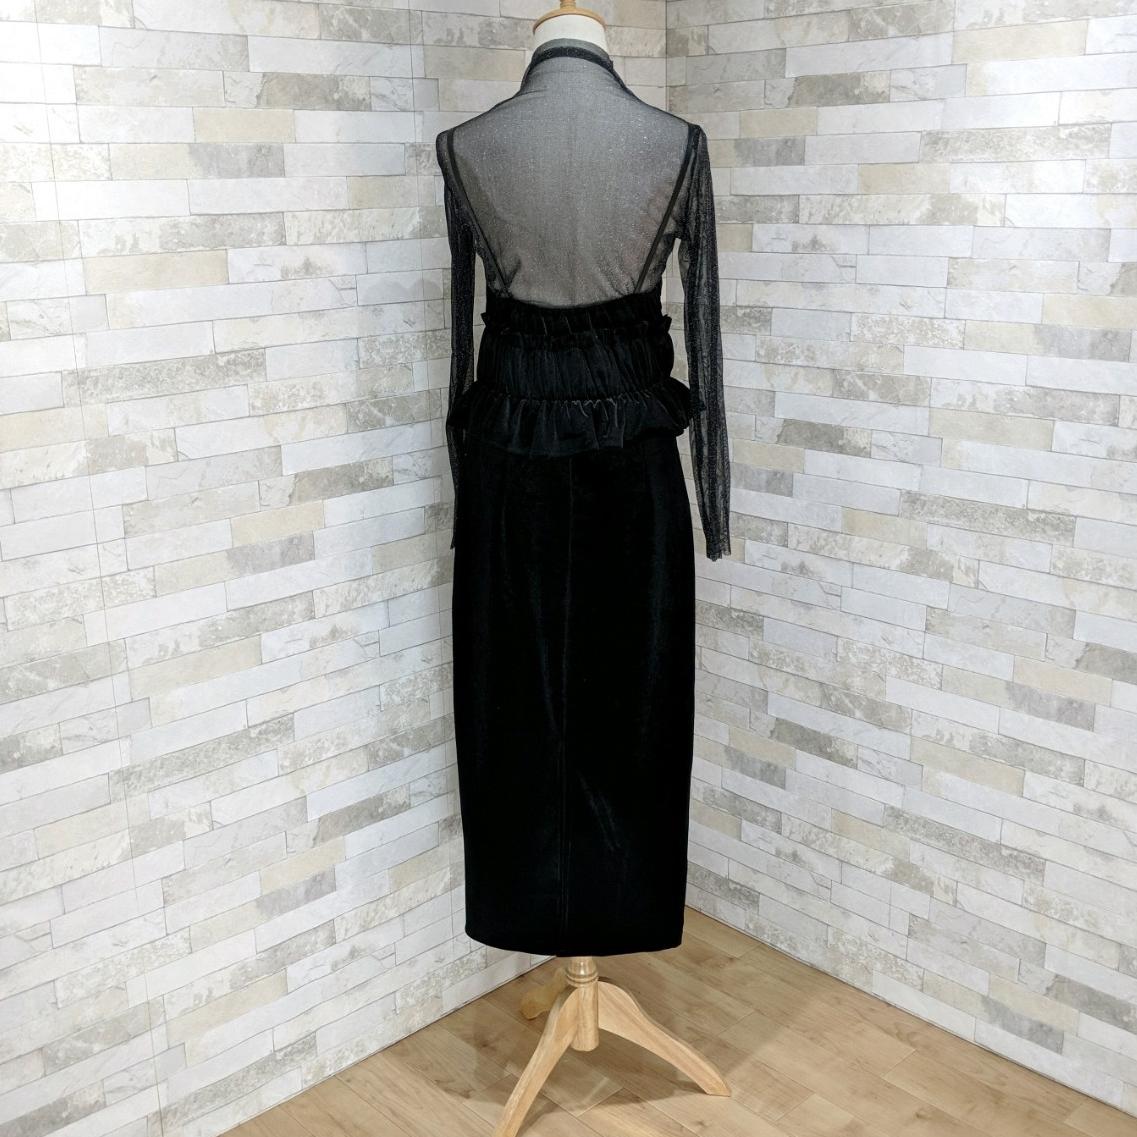 【即納】韓国 ファッション パーティードレス 結婚式 お呼ばれドレス セットアップ 春 秋 冬 パーティー ブライダル SPTXG169  シースルー ラメ ペプラム タイト 二次会 セレブ きれいめの写真14枚目